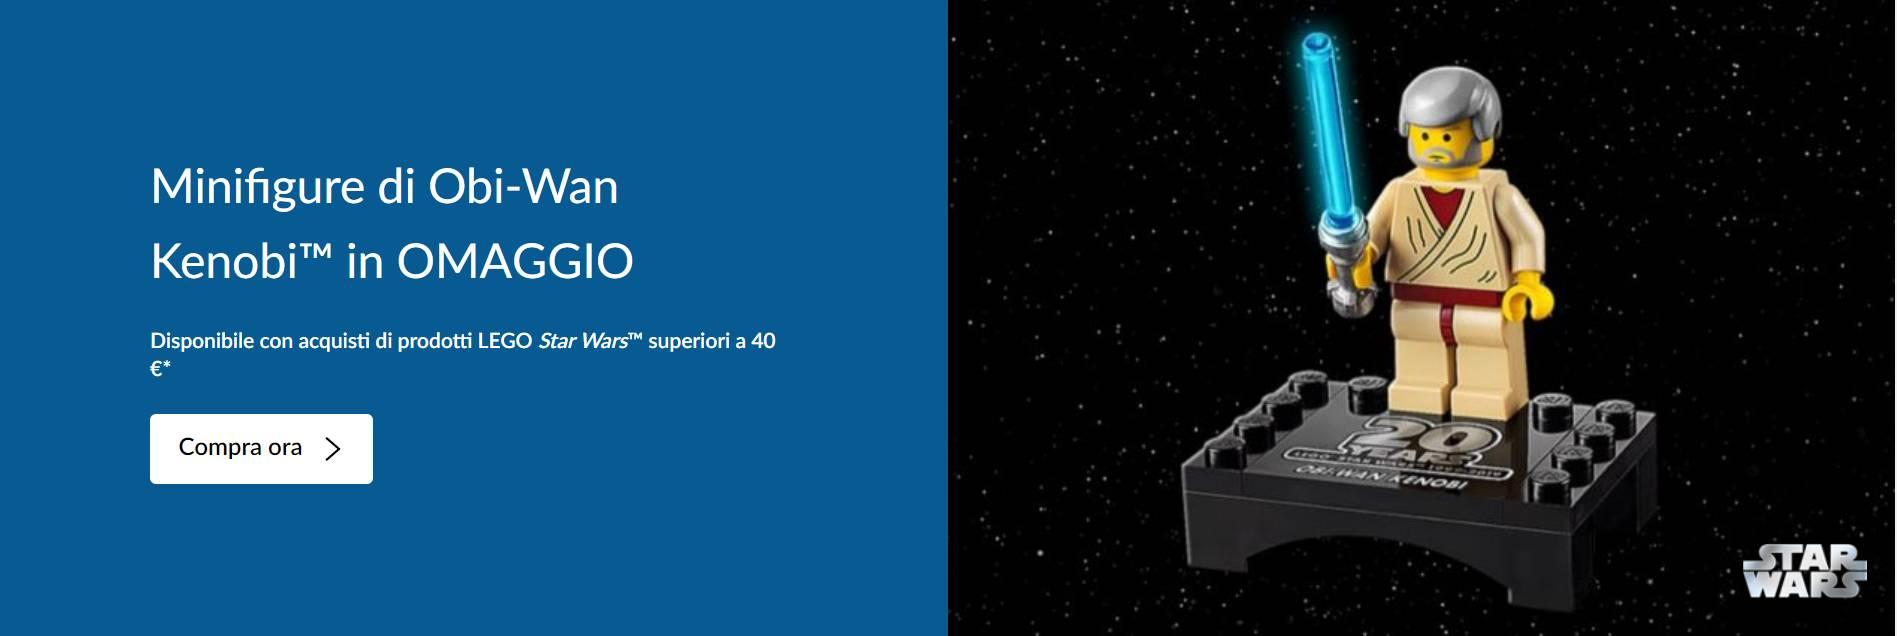 Obi Wan Kenobi Lego